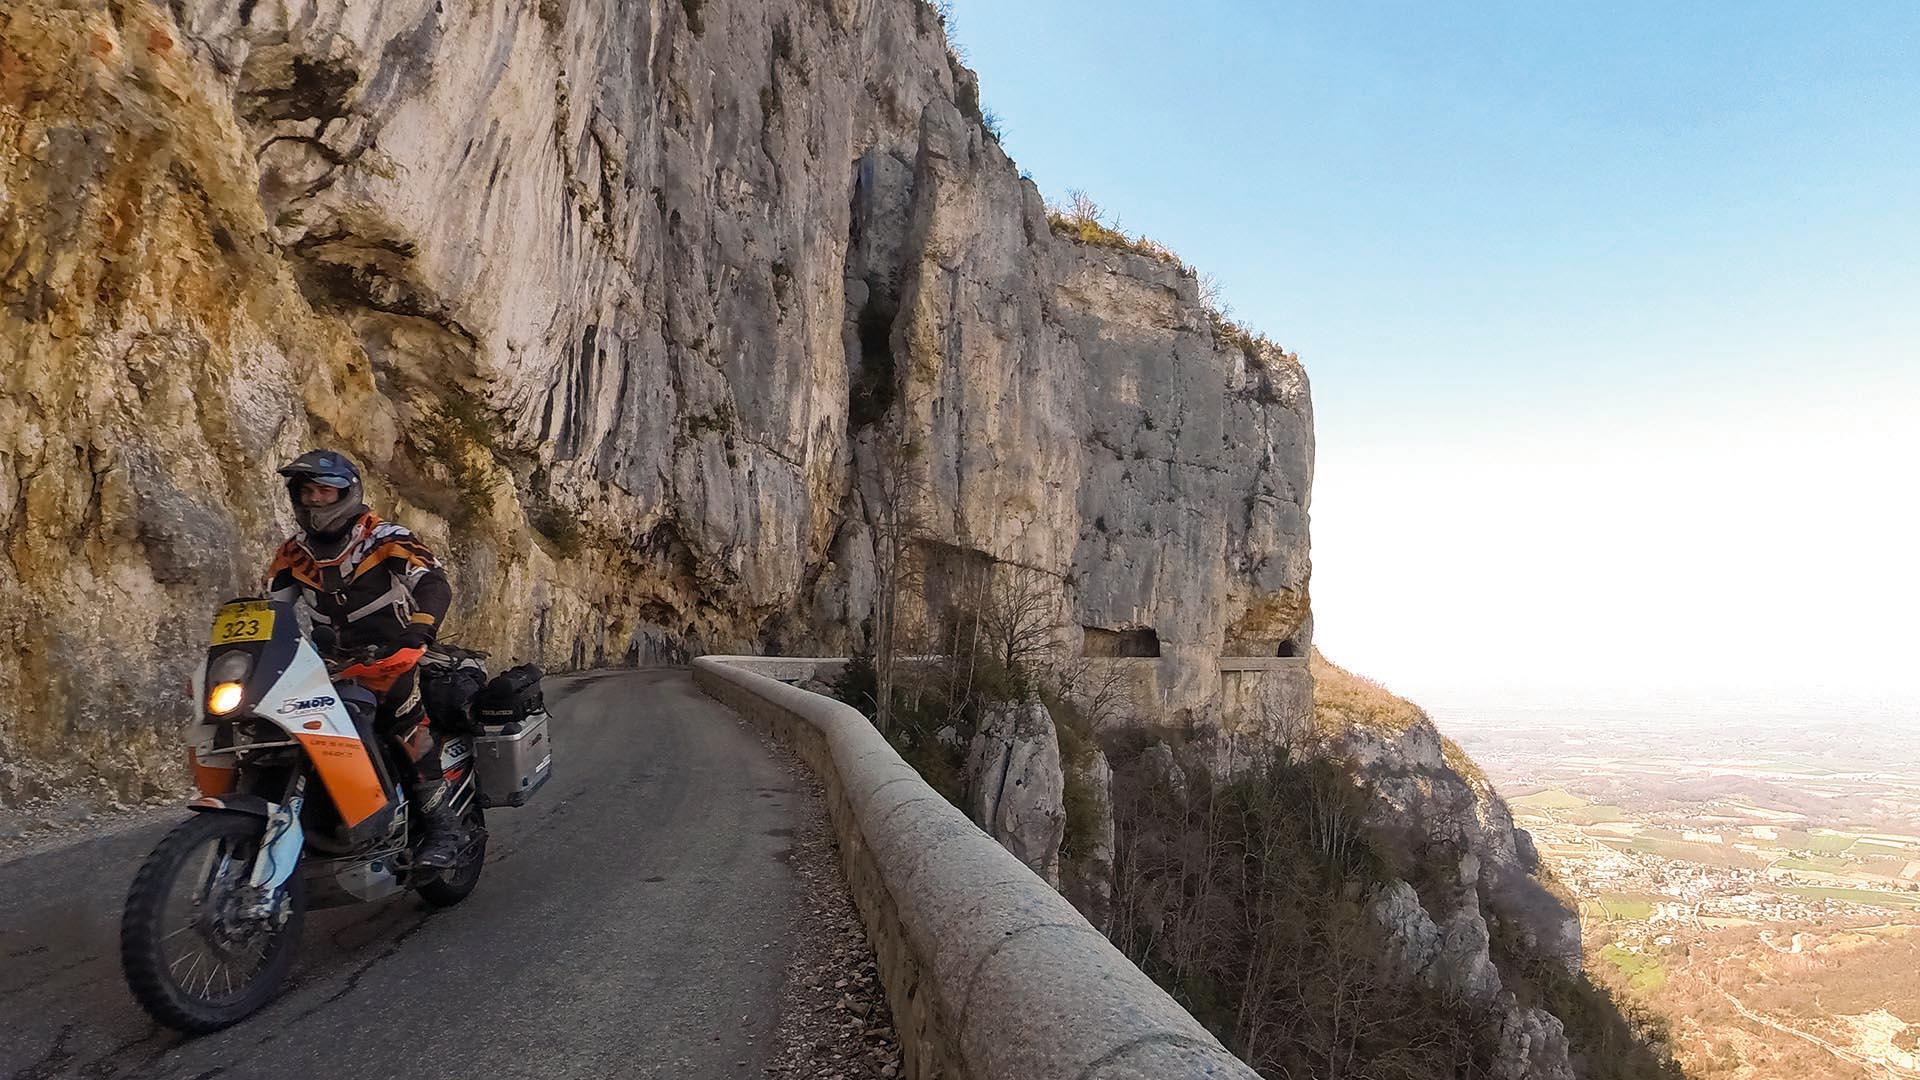 Berauschend vielseitig - Ardèche - Nord France